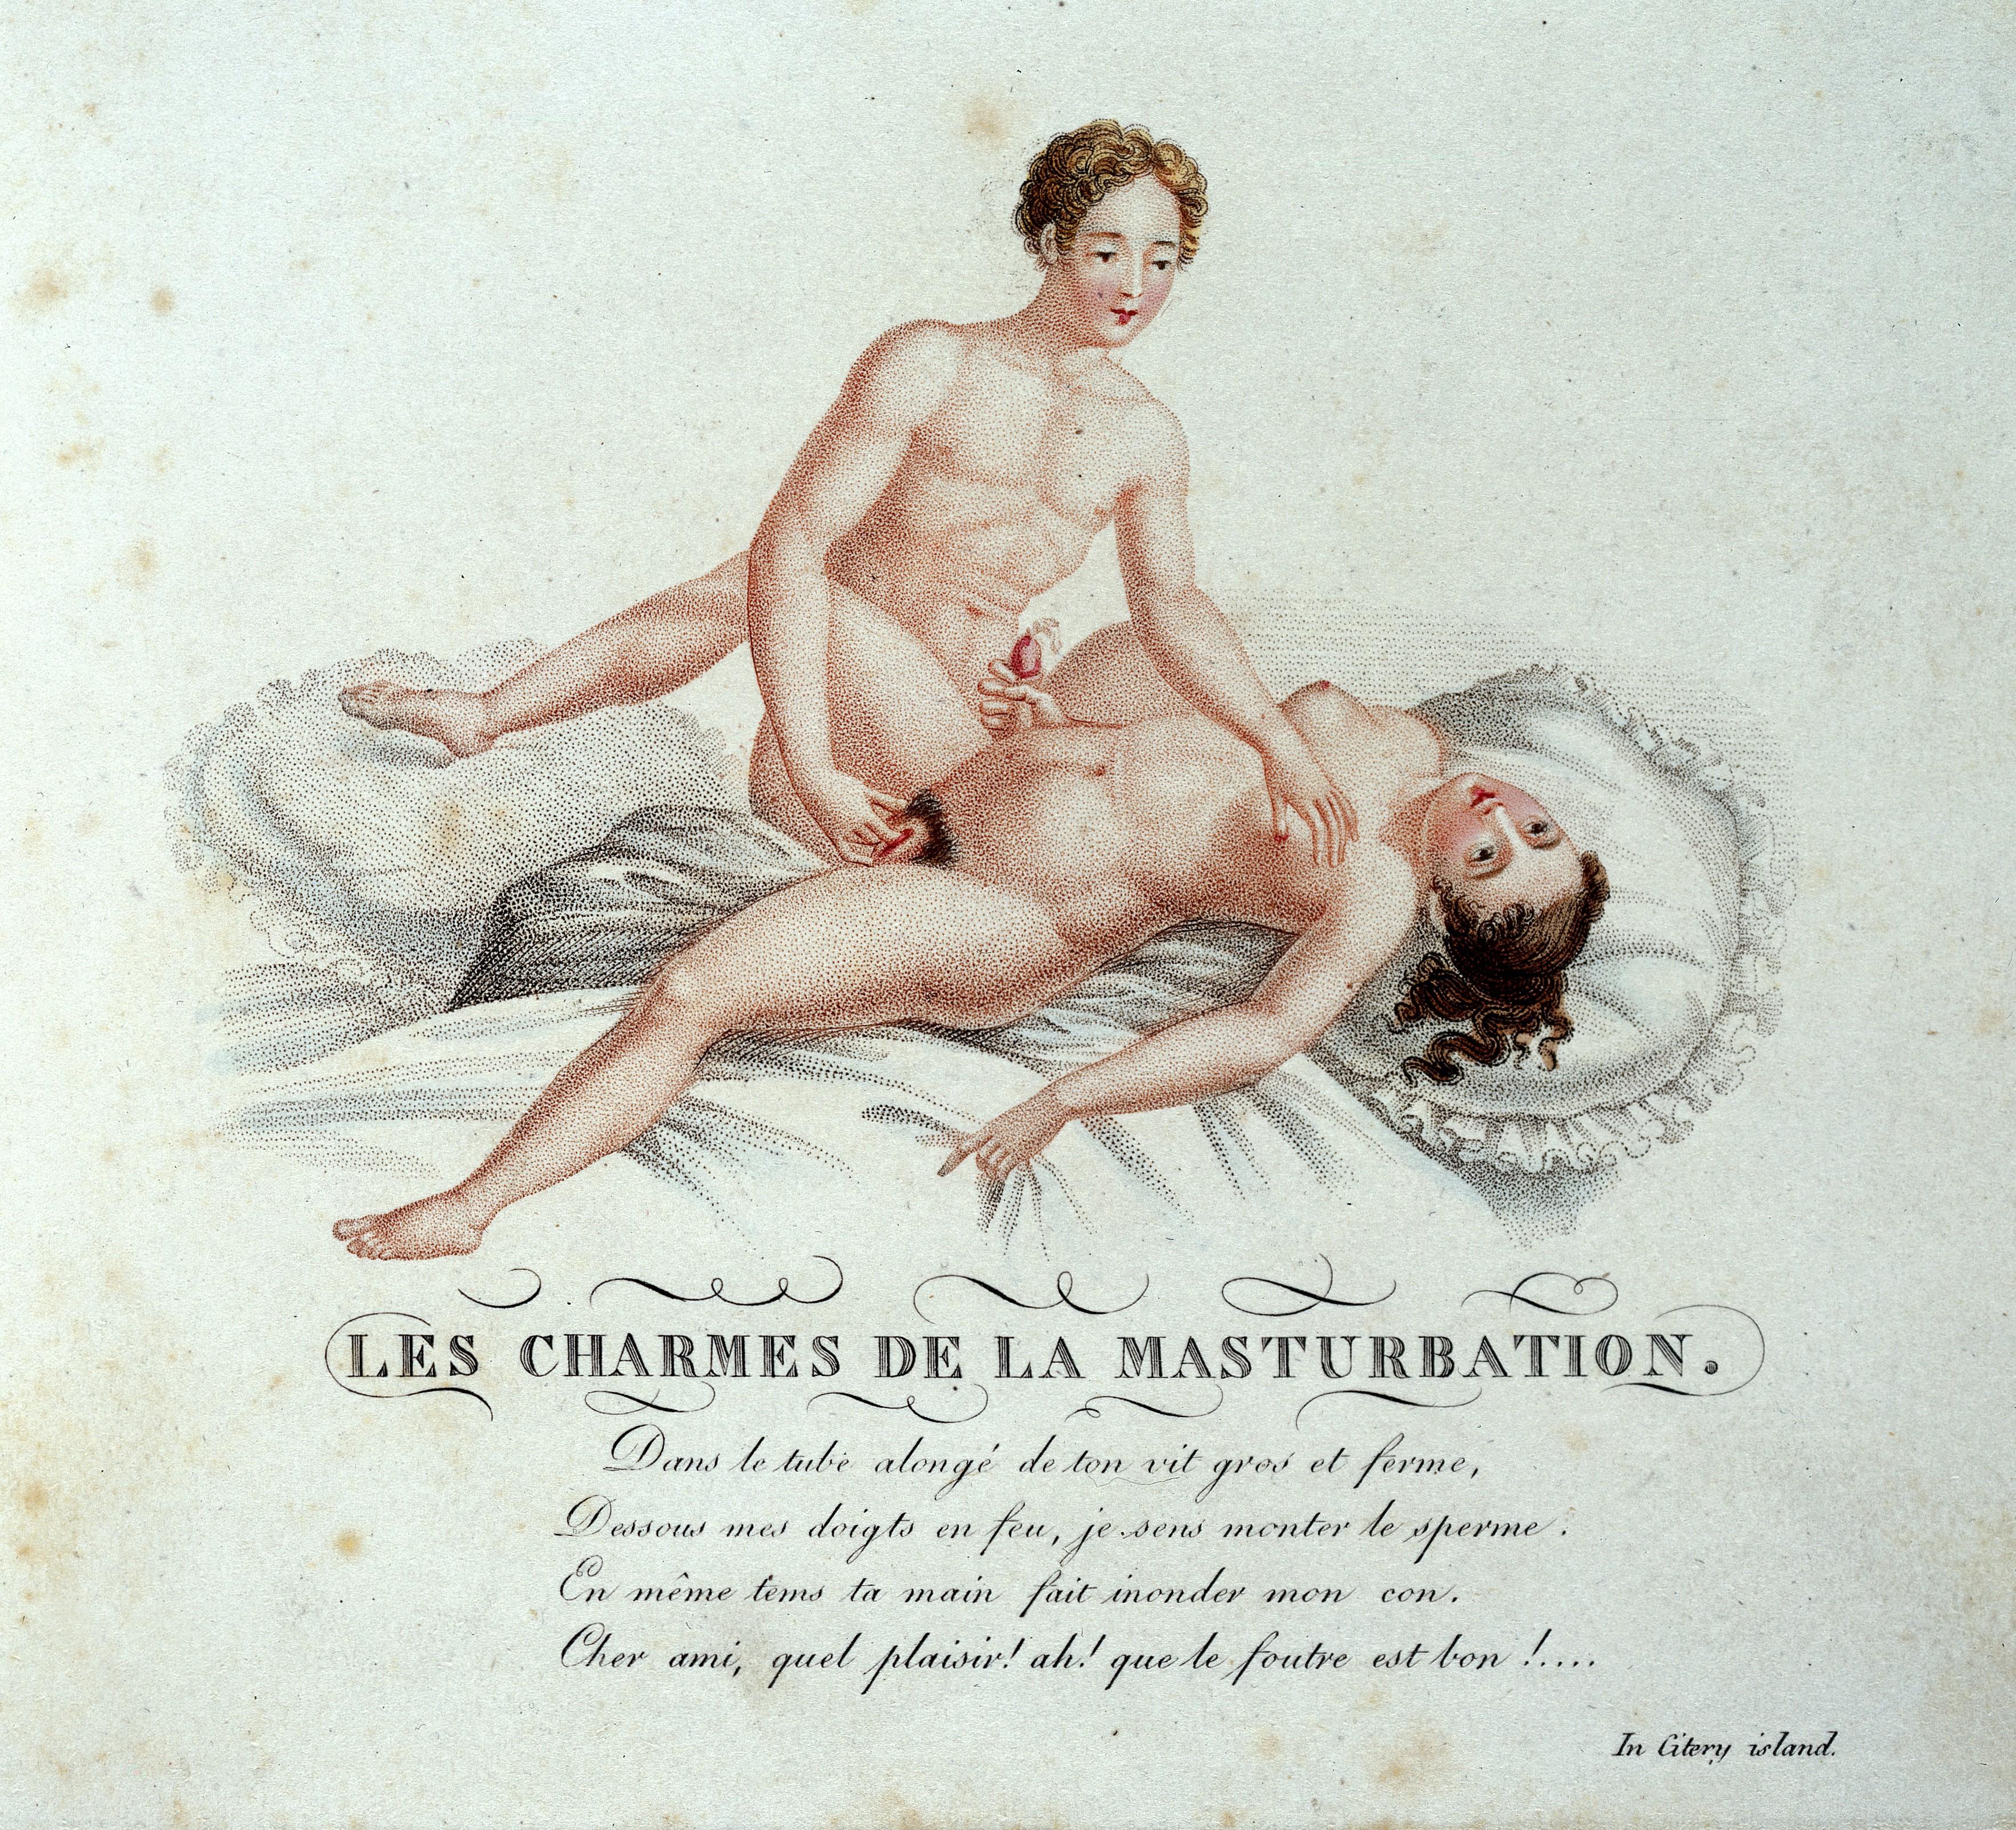 a gyors erekció oka a közösülés során a péniszek nem azonosak